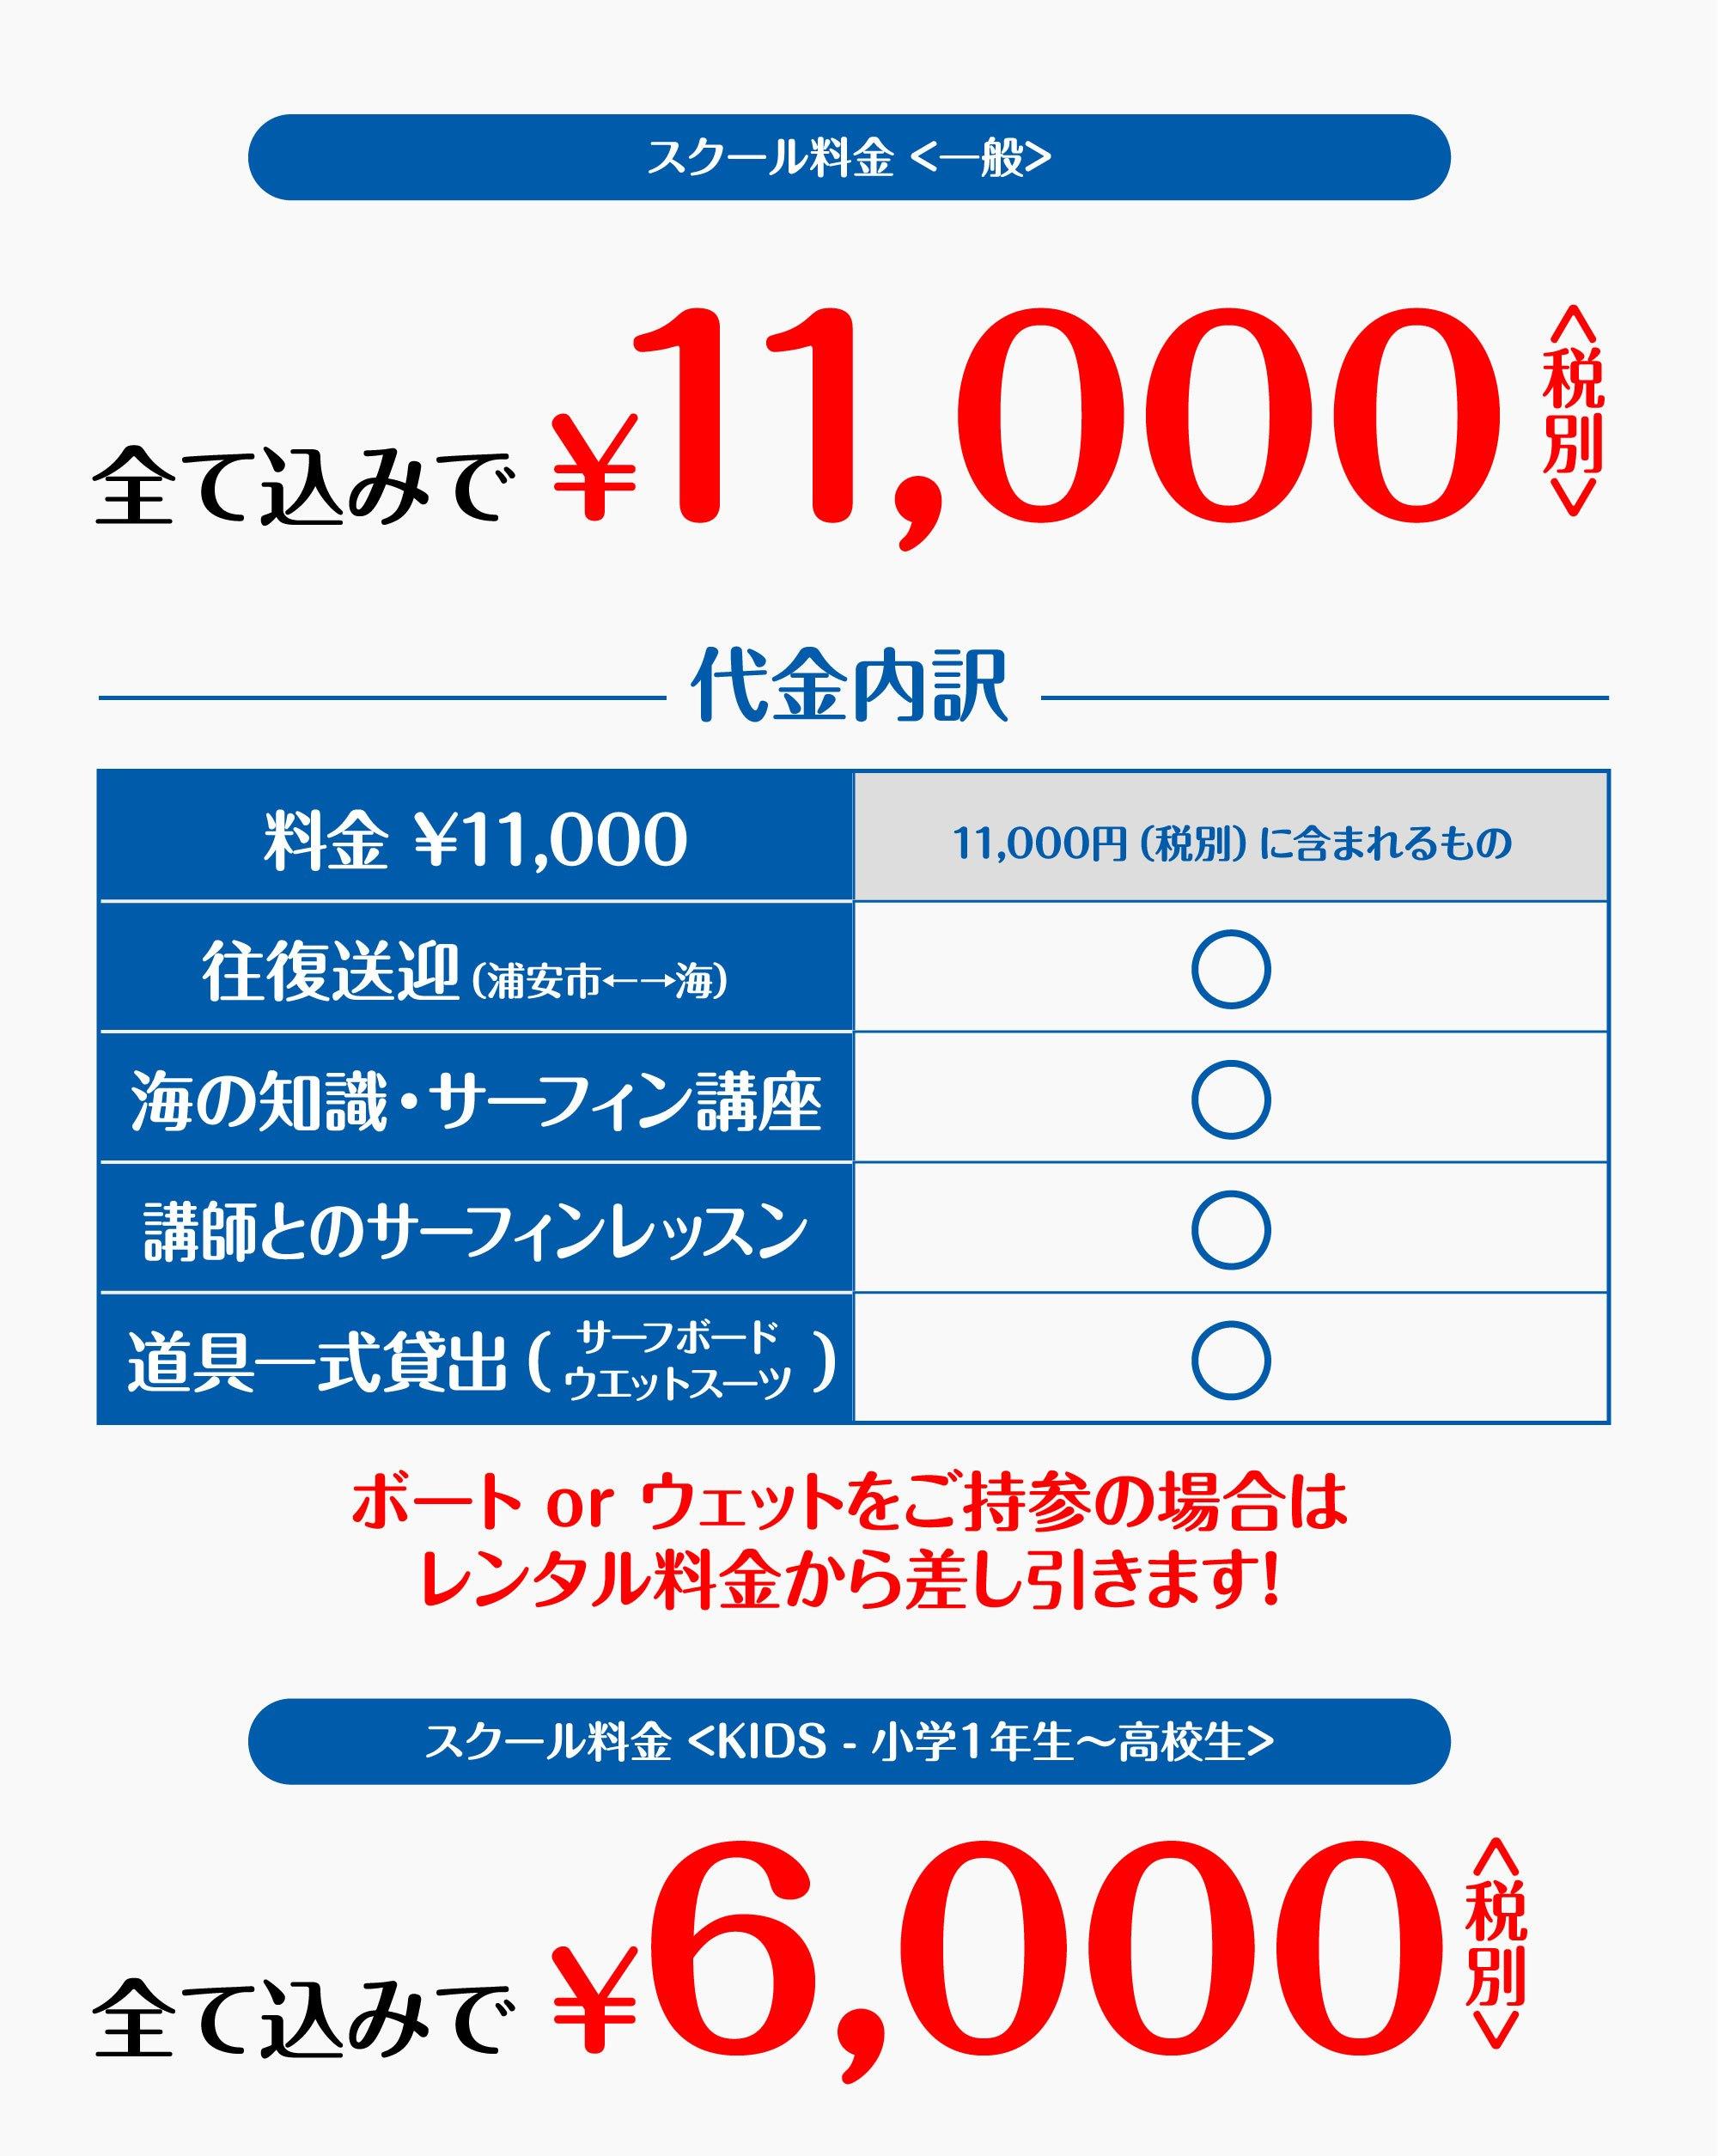 スクール料金 <一般>全て込みで¥1,1000<税別>。代金内訳<全て税別価格>スクール代金 : ¥6,000、交通費 : ¥3,000、サーフボードレンタル : ¥1,000、ウェットスーツレンタル : ¥1,000。ボート or ウェットをご持参の場合はレンタル料金から差し引きます!スクール料金 <KIDS - 小学1年生〜高校生>全て込みで¥6,000<税別>